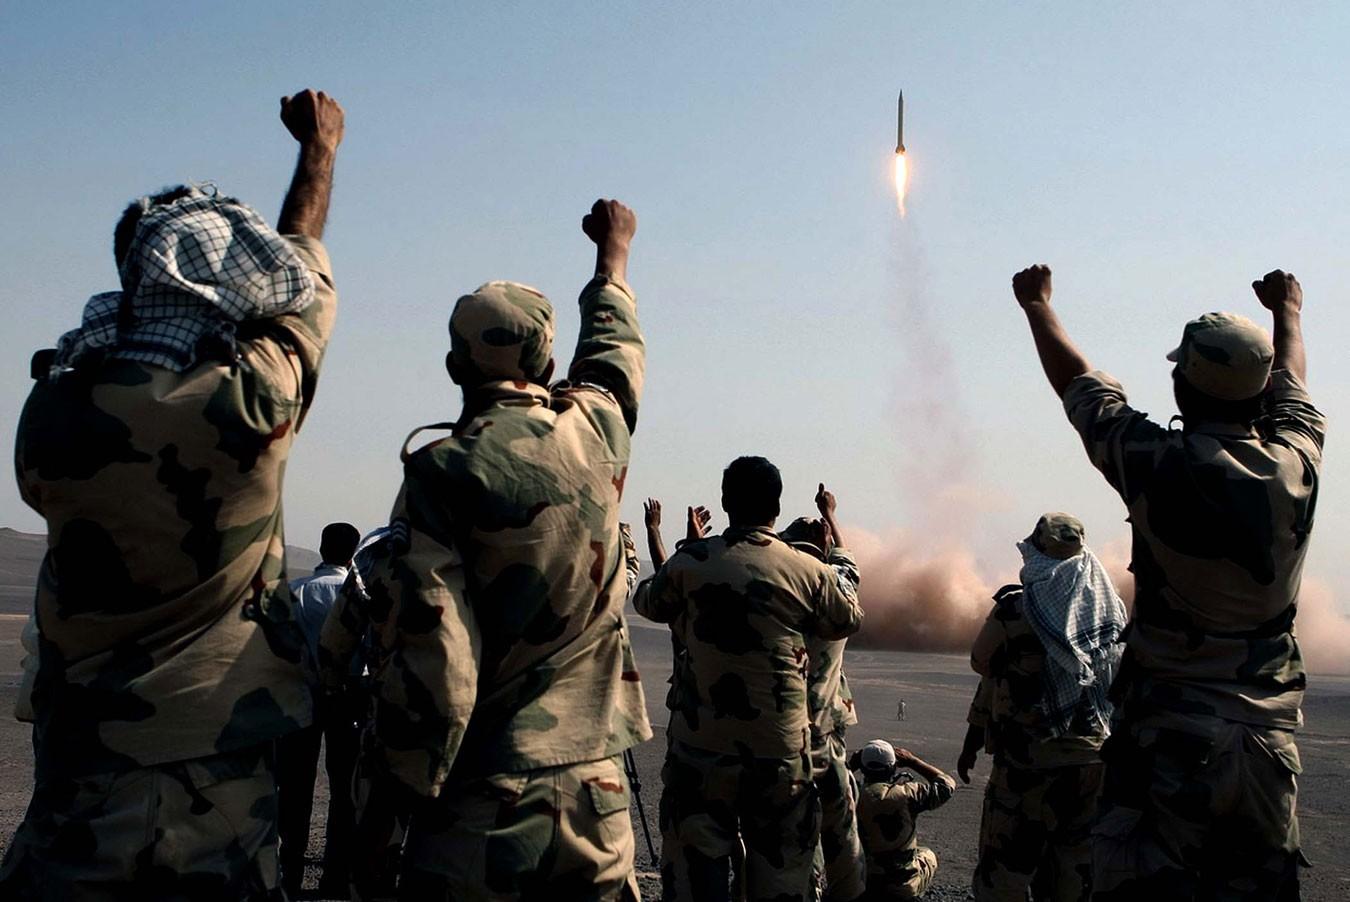 ВИране начались учения аэрокосмических войск КСИР